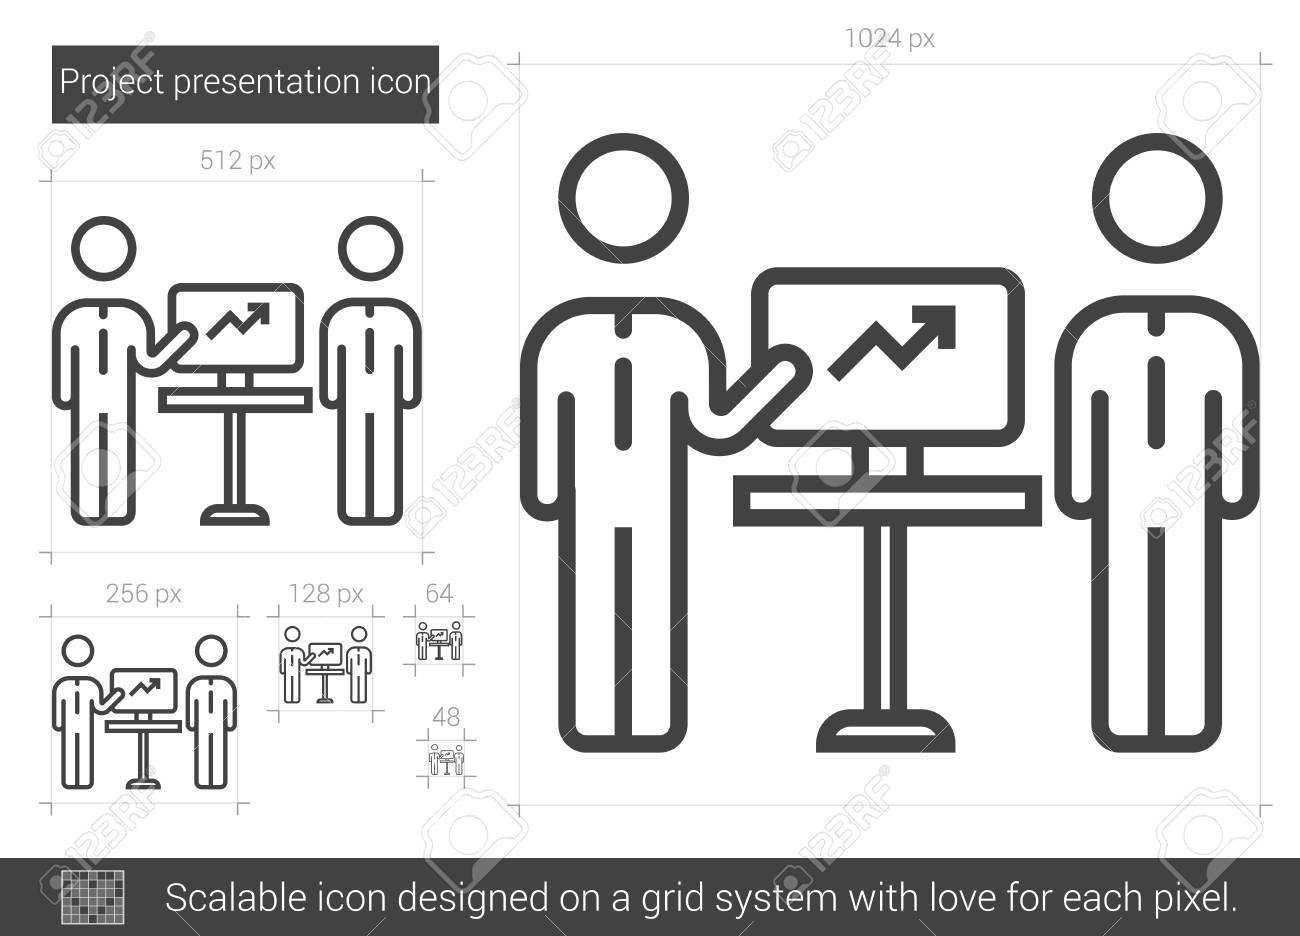 Projektpräsentation Vektor Linie-Symbol Auf Weißem Hintergrund ...